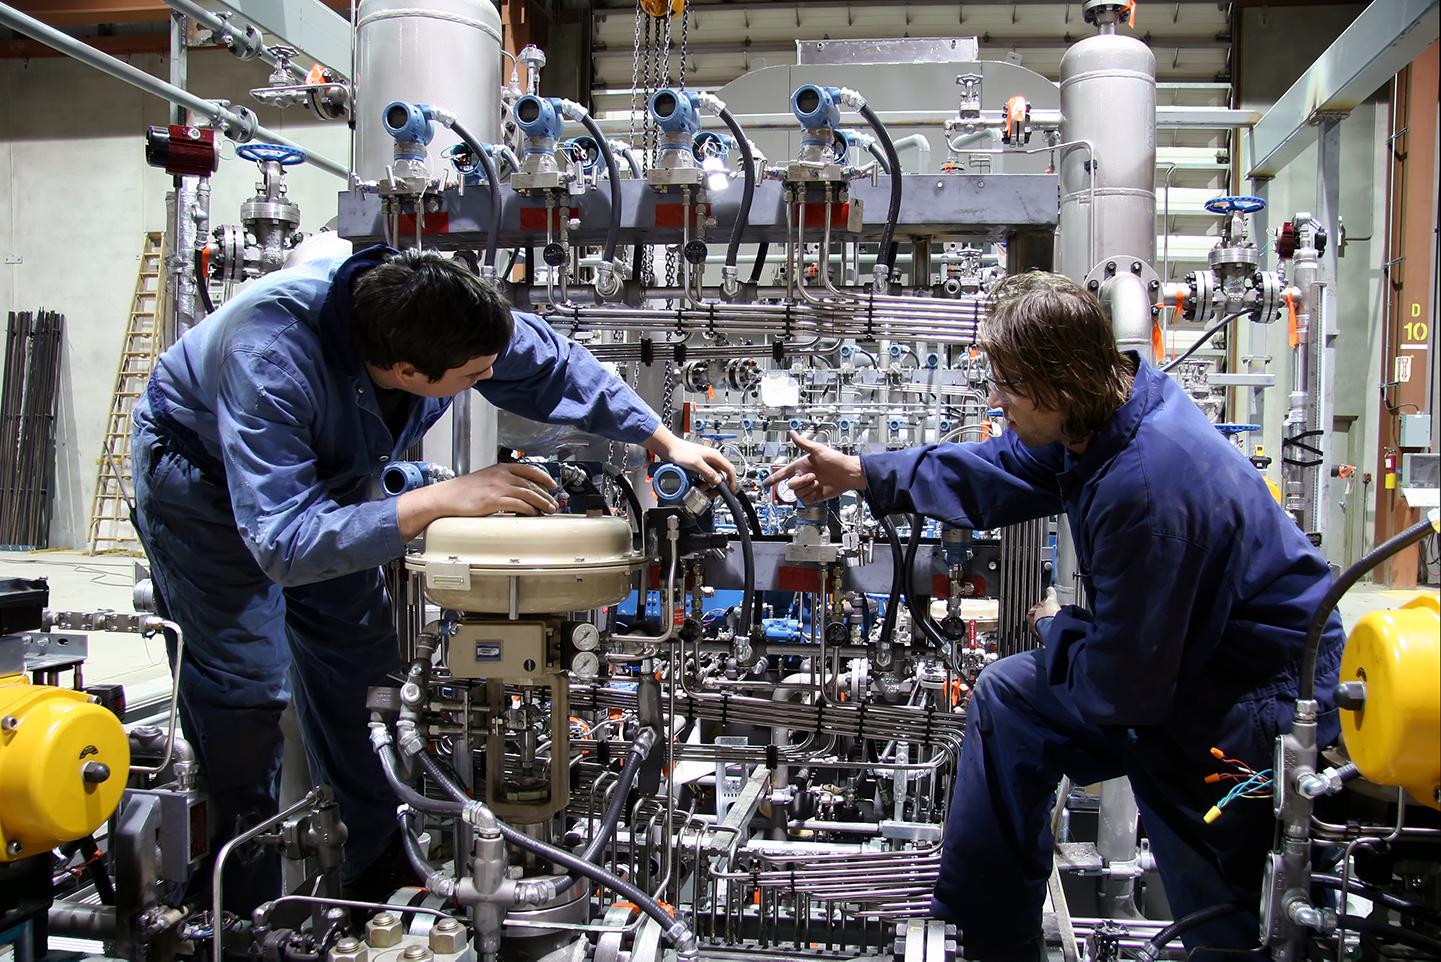 Automation och robotik iuc z-group